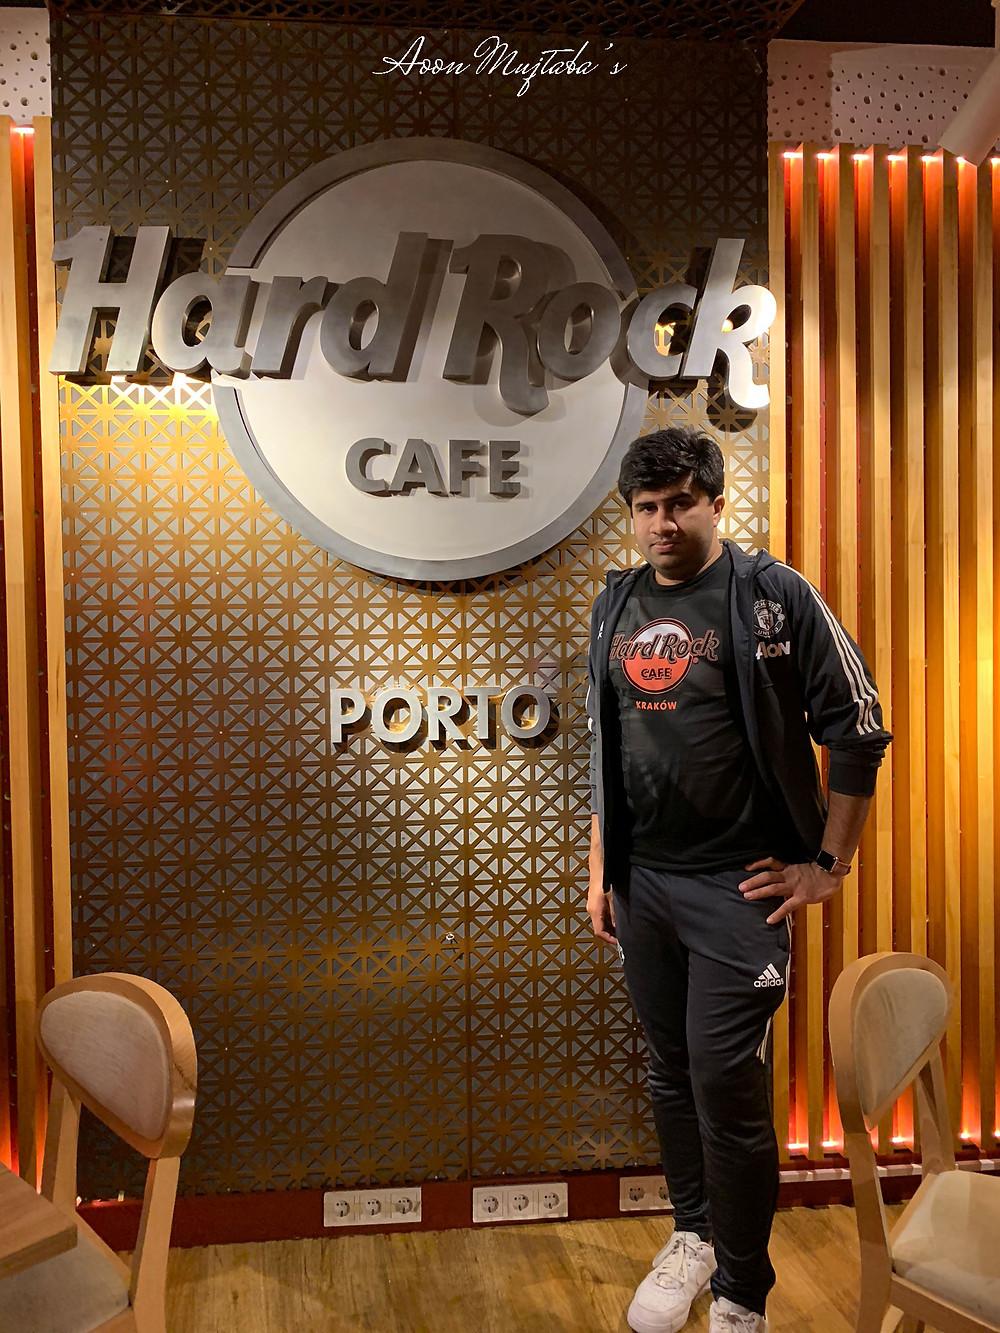 Hard Rock Cafe in Porto, Portugal